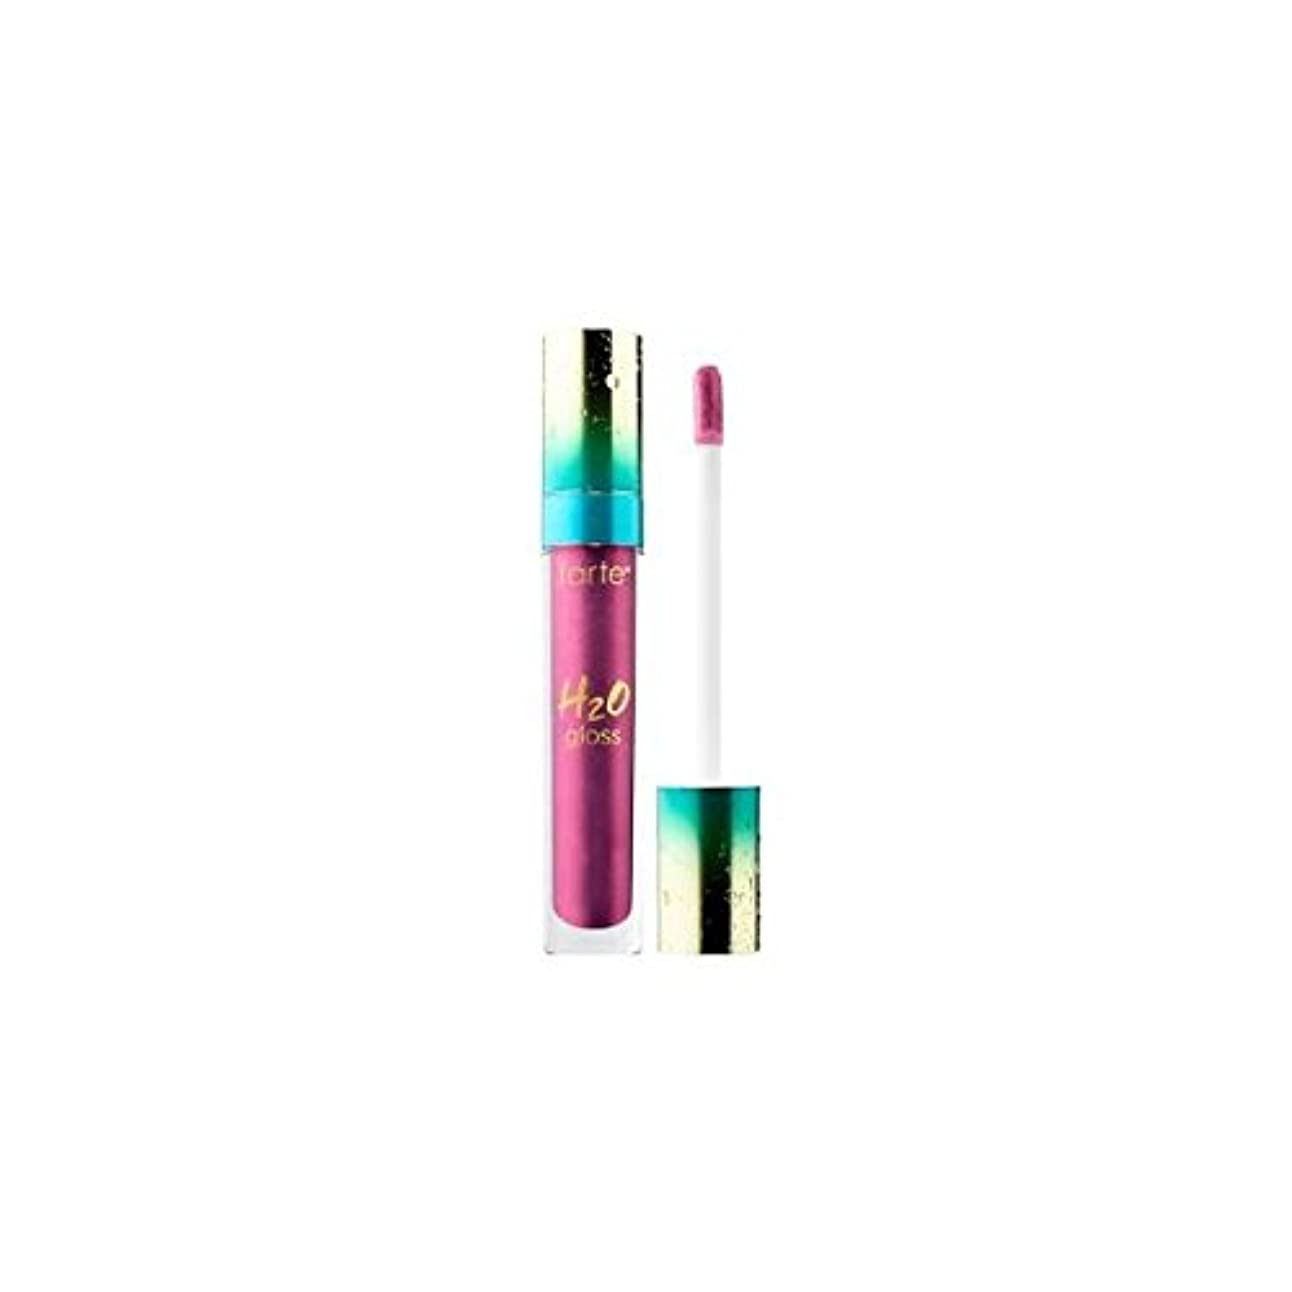 ヘア悲観主義者証言tarteタルト リップ グロス H2O Lip Gloss - Rainforest of the Sea Collection Shimmer finish